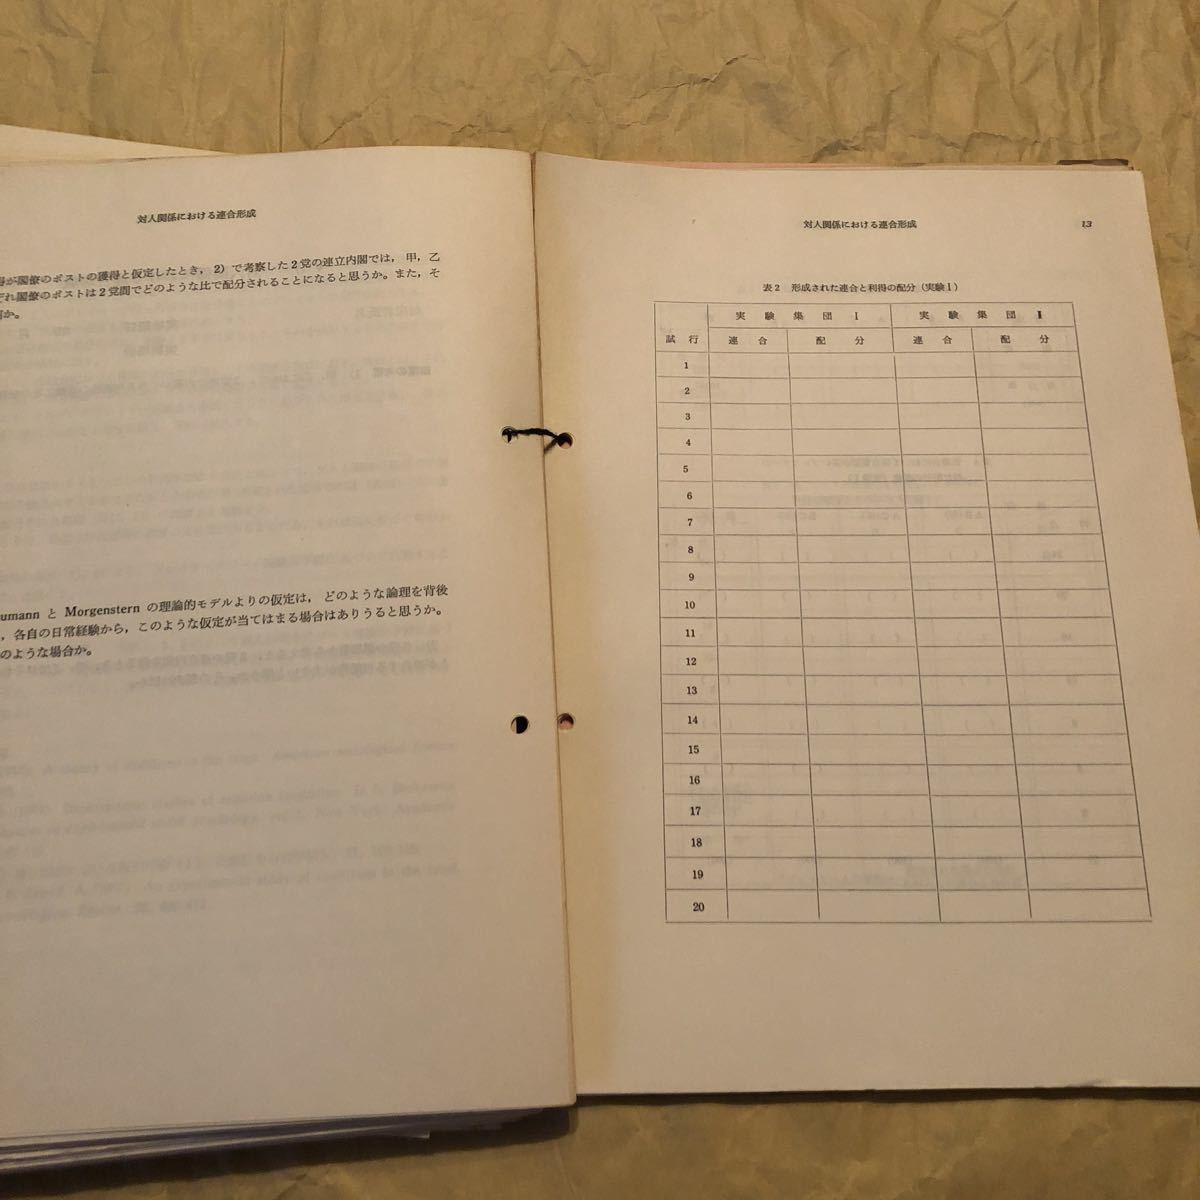 【心理学】『新版 実験とテスト 心理学の基礎』1974年★心理学実験指導研究会編★経年くすみあり_画像9